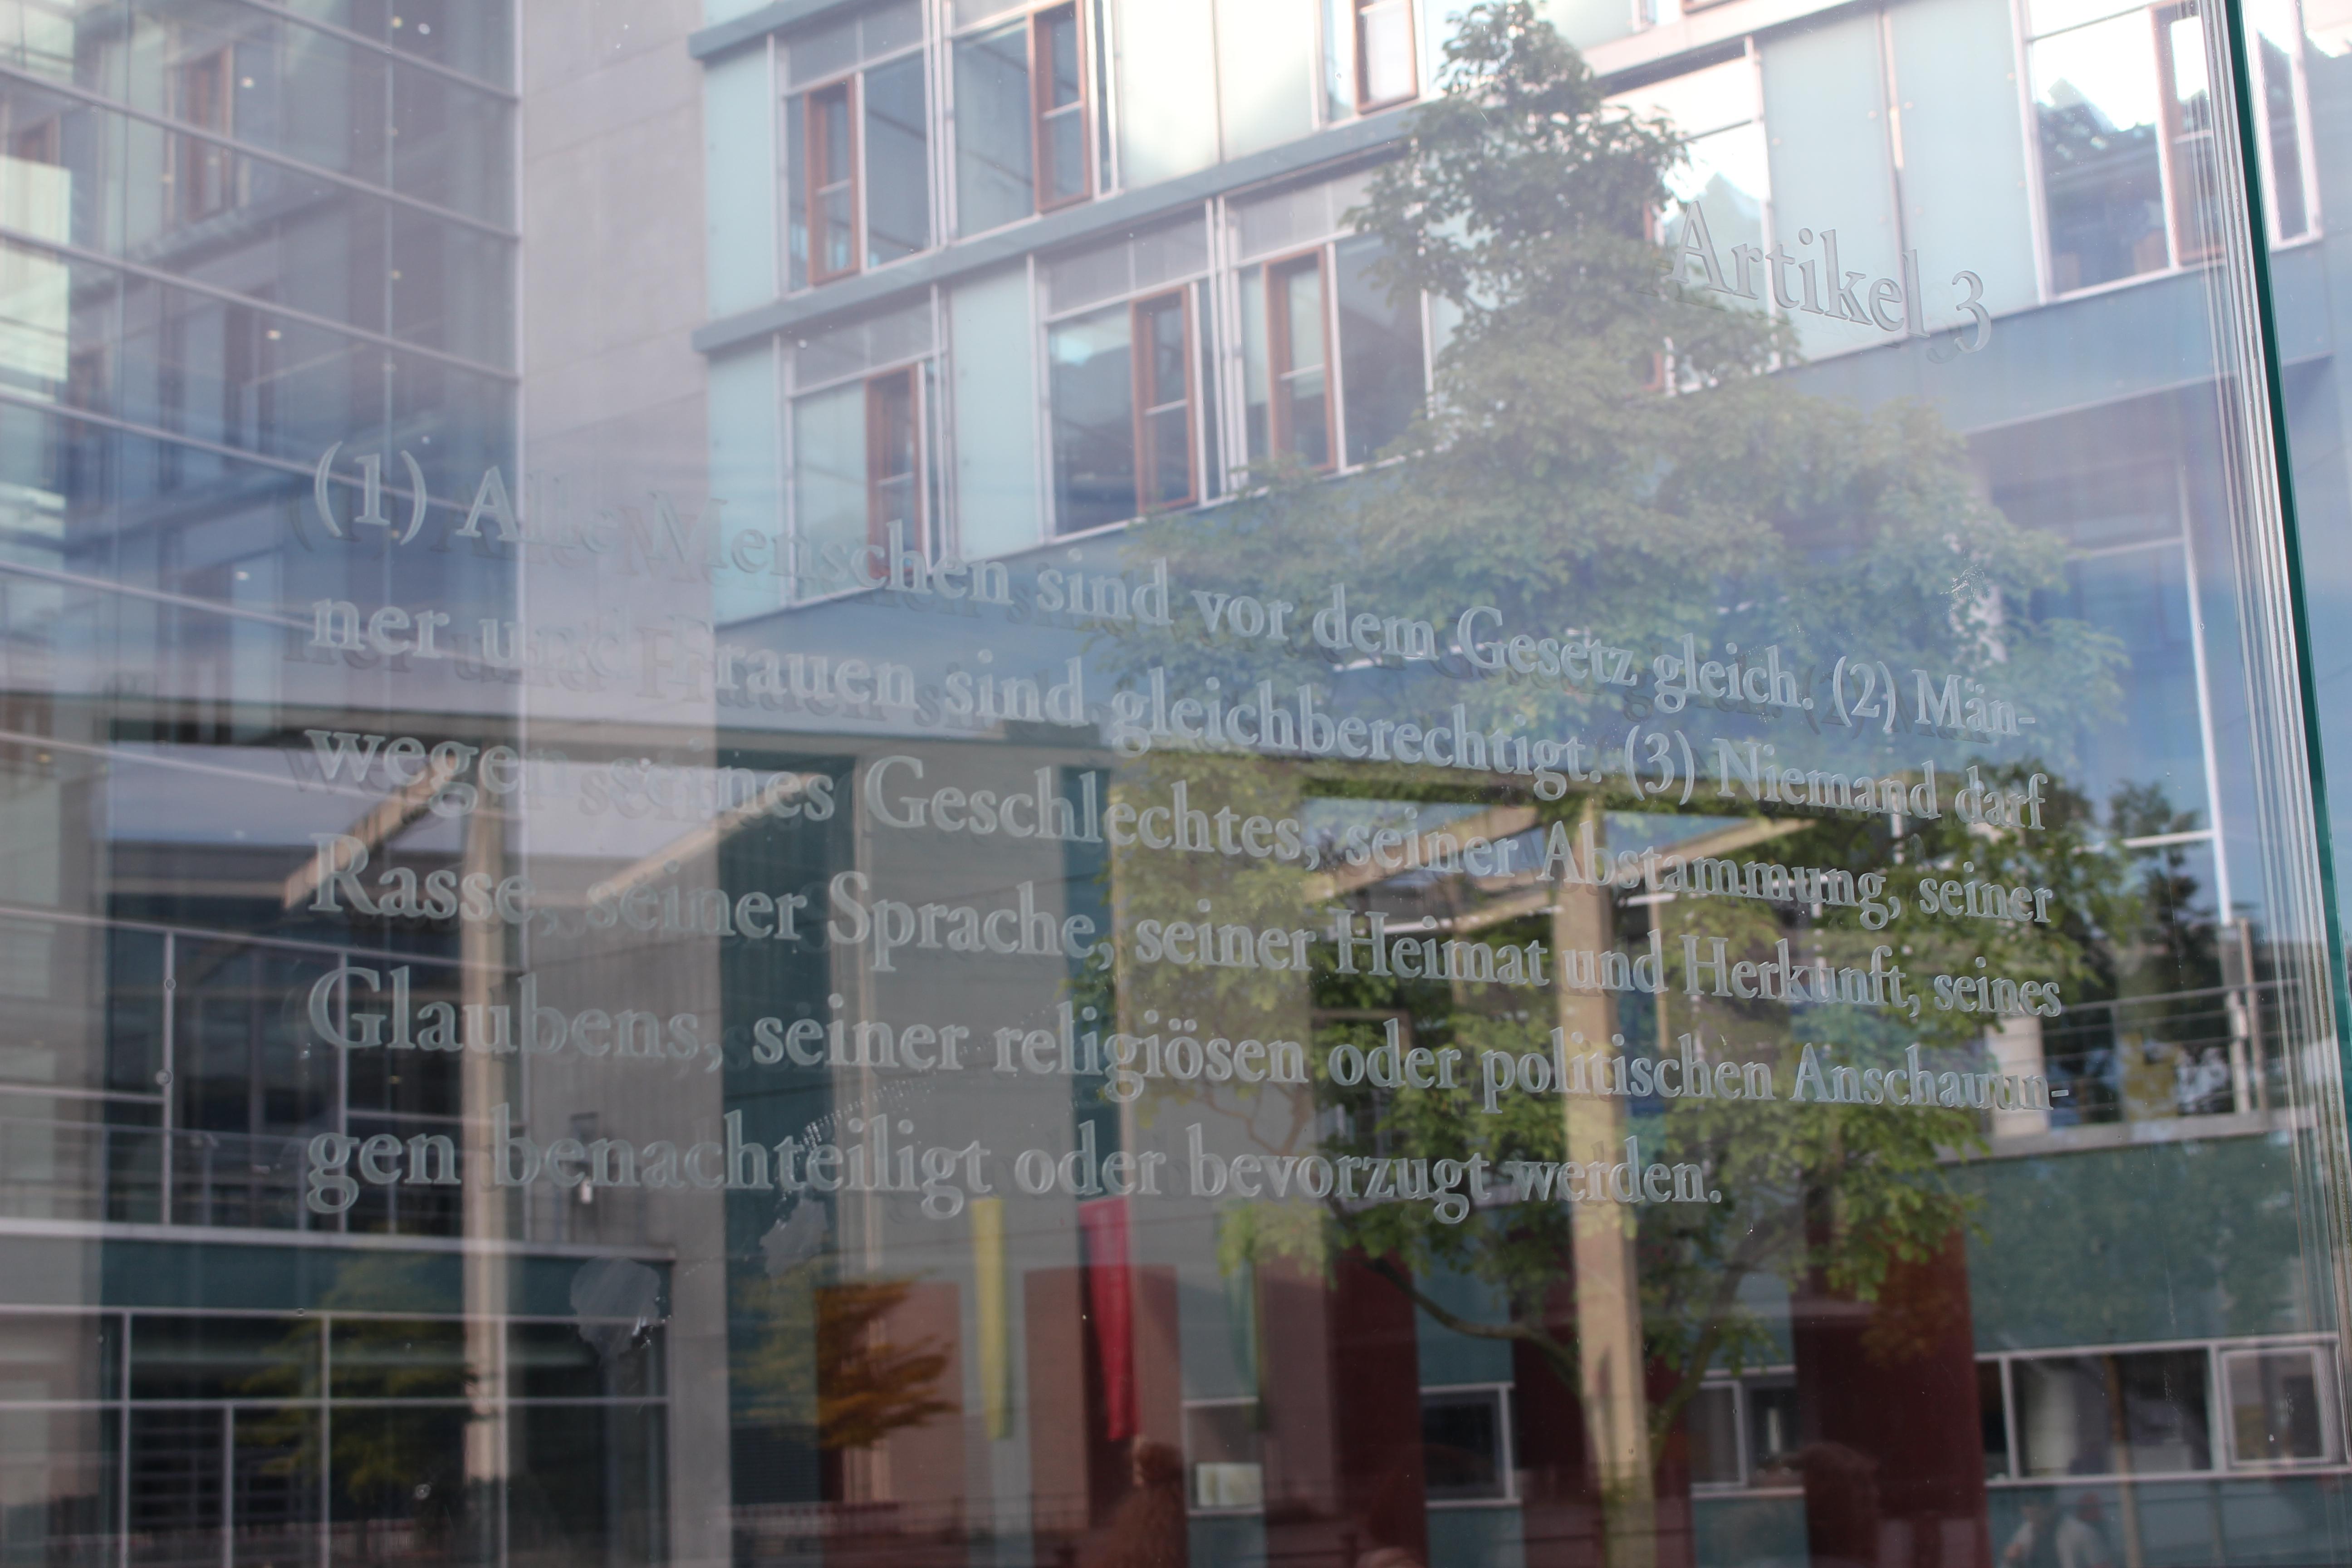 Artikel 3 des Grundgesetzes: Fotografiert am Jakob-Kaiser-Haus des Bundestages in Berlin